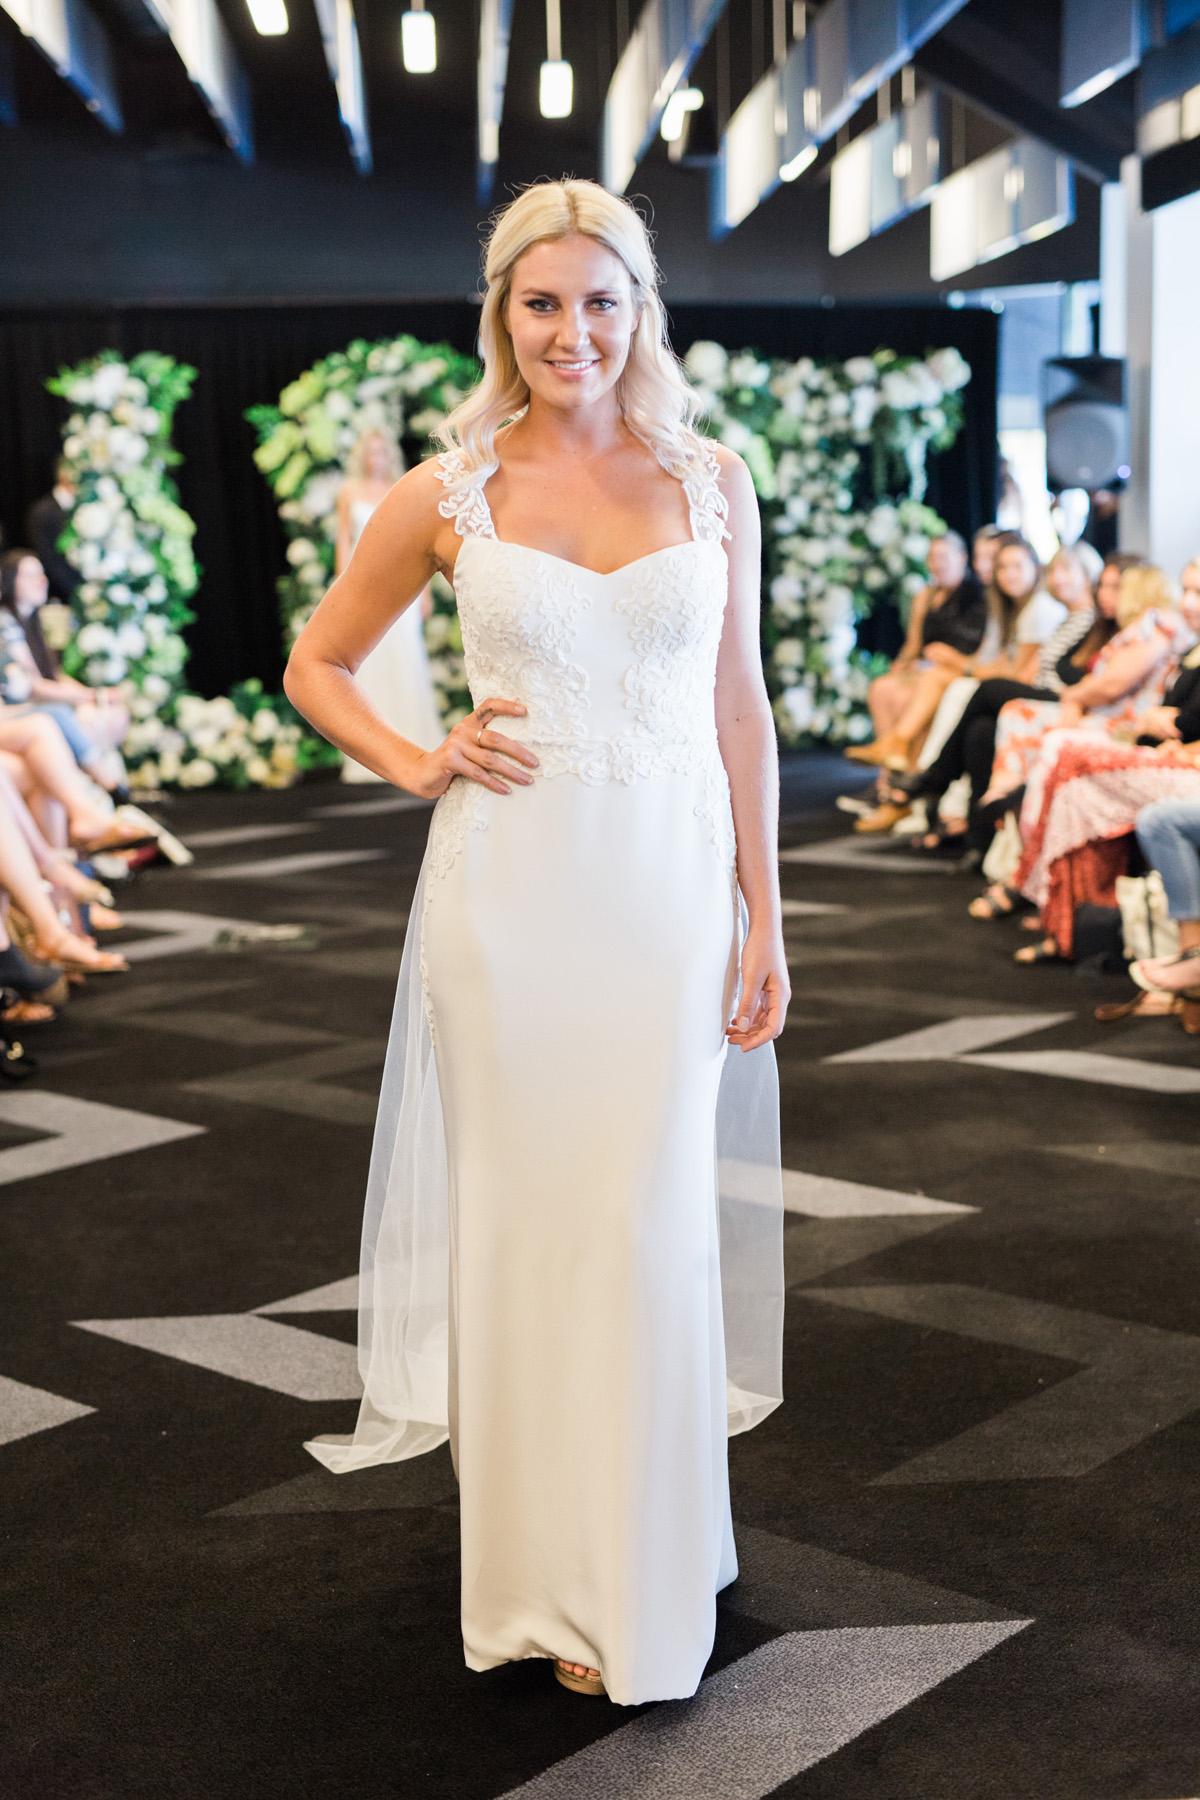 Love-Wedding-Festival-Sydney-Wedding-Gown-Angela-Osagie-17.jpg